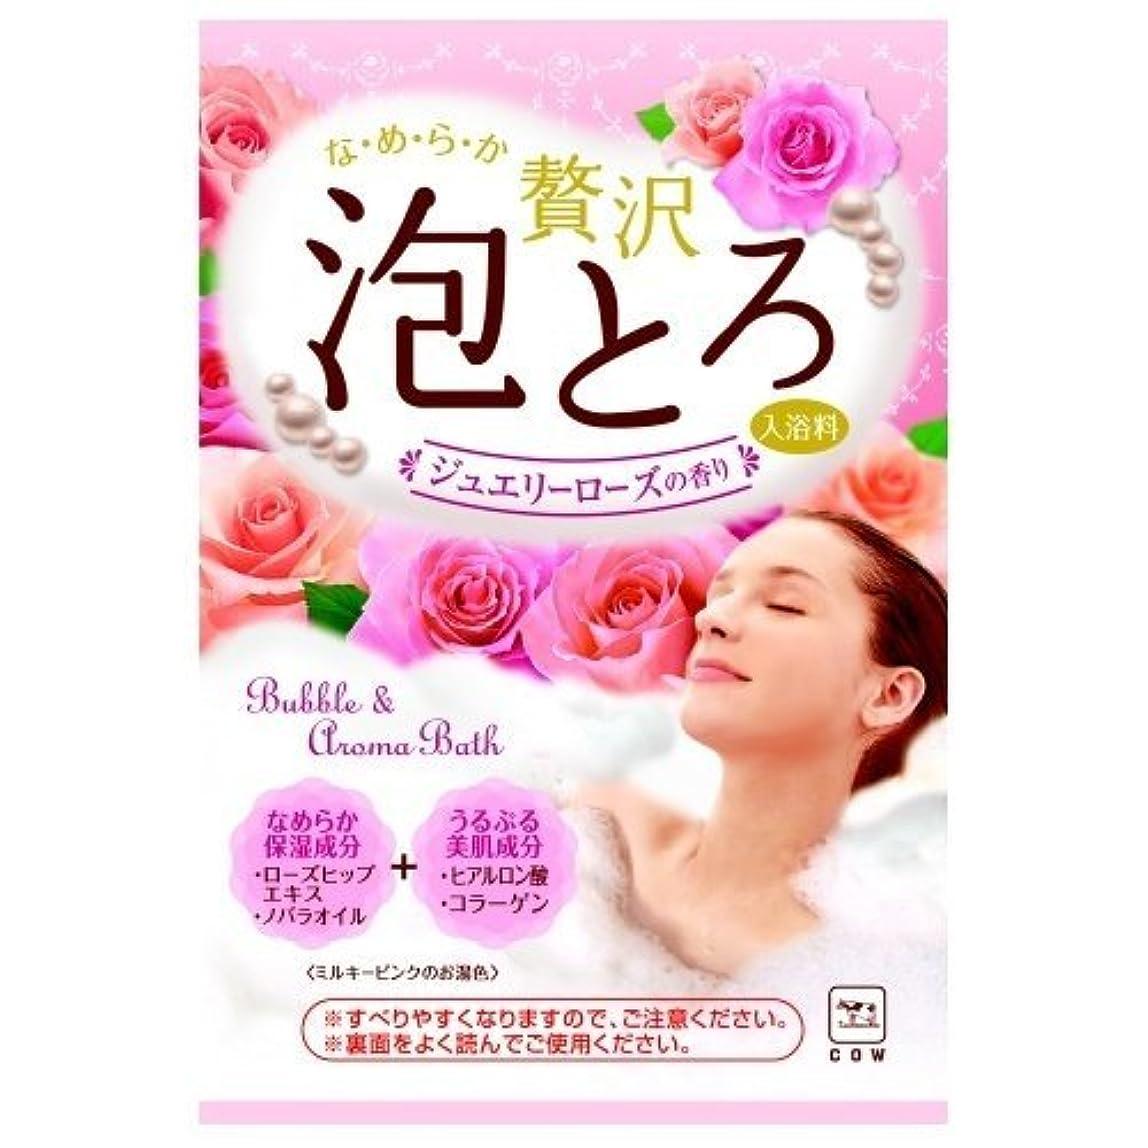 今まで傾く伝染性牛乳石鹸共進社 贅沢泡とろ 入浴料 ジュエリーローズの香り 30g